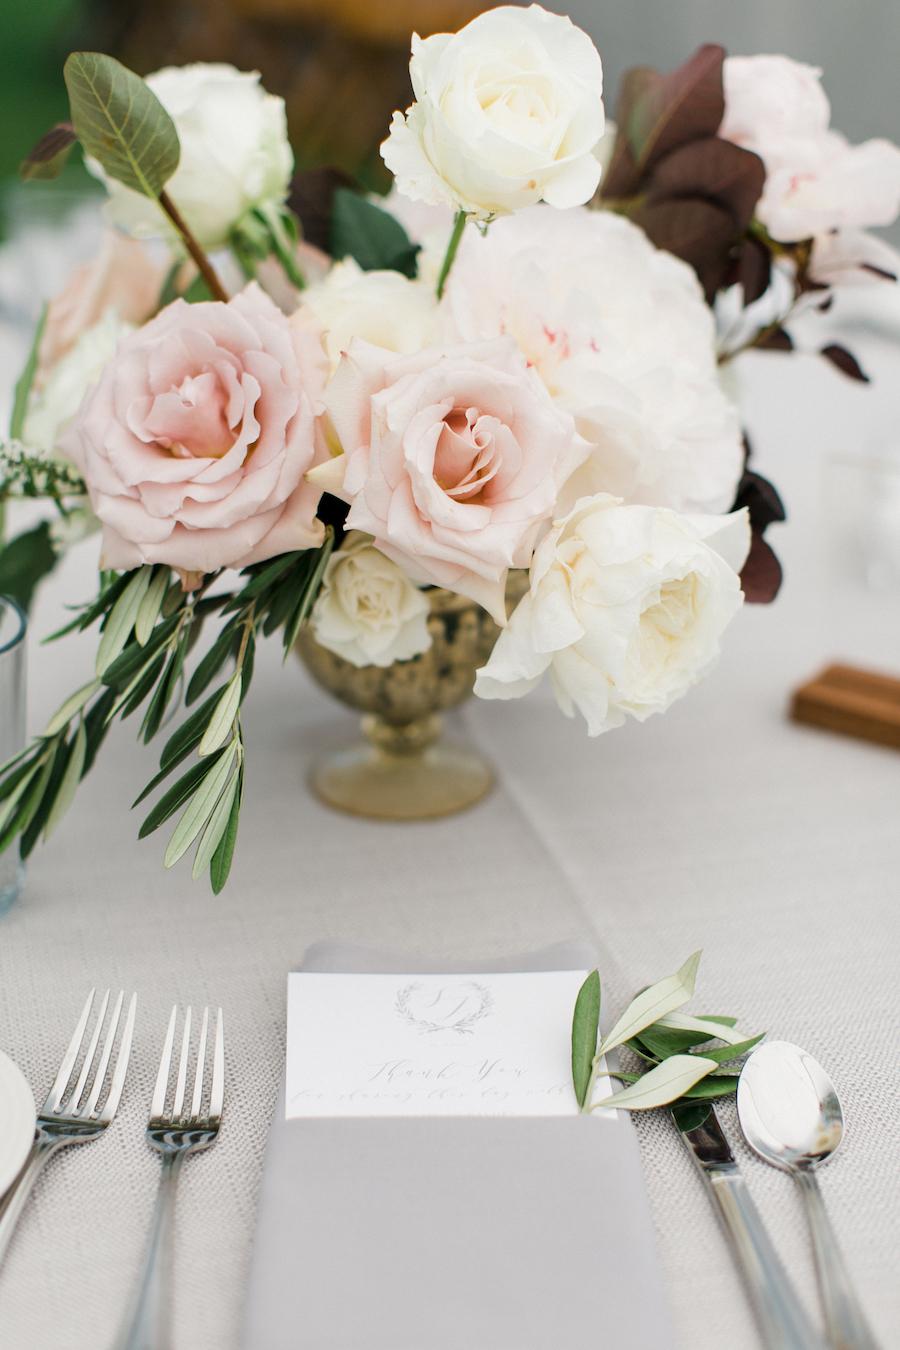 A blush floral arrangement